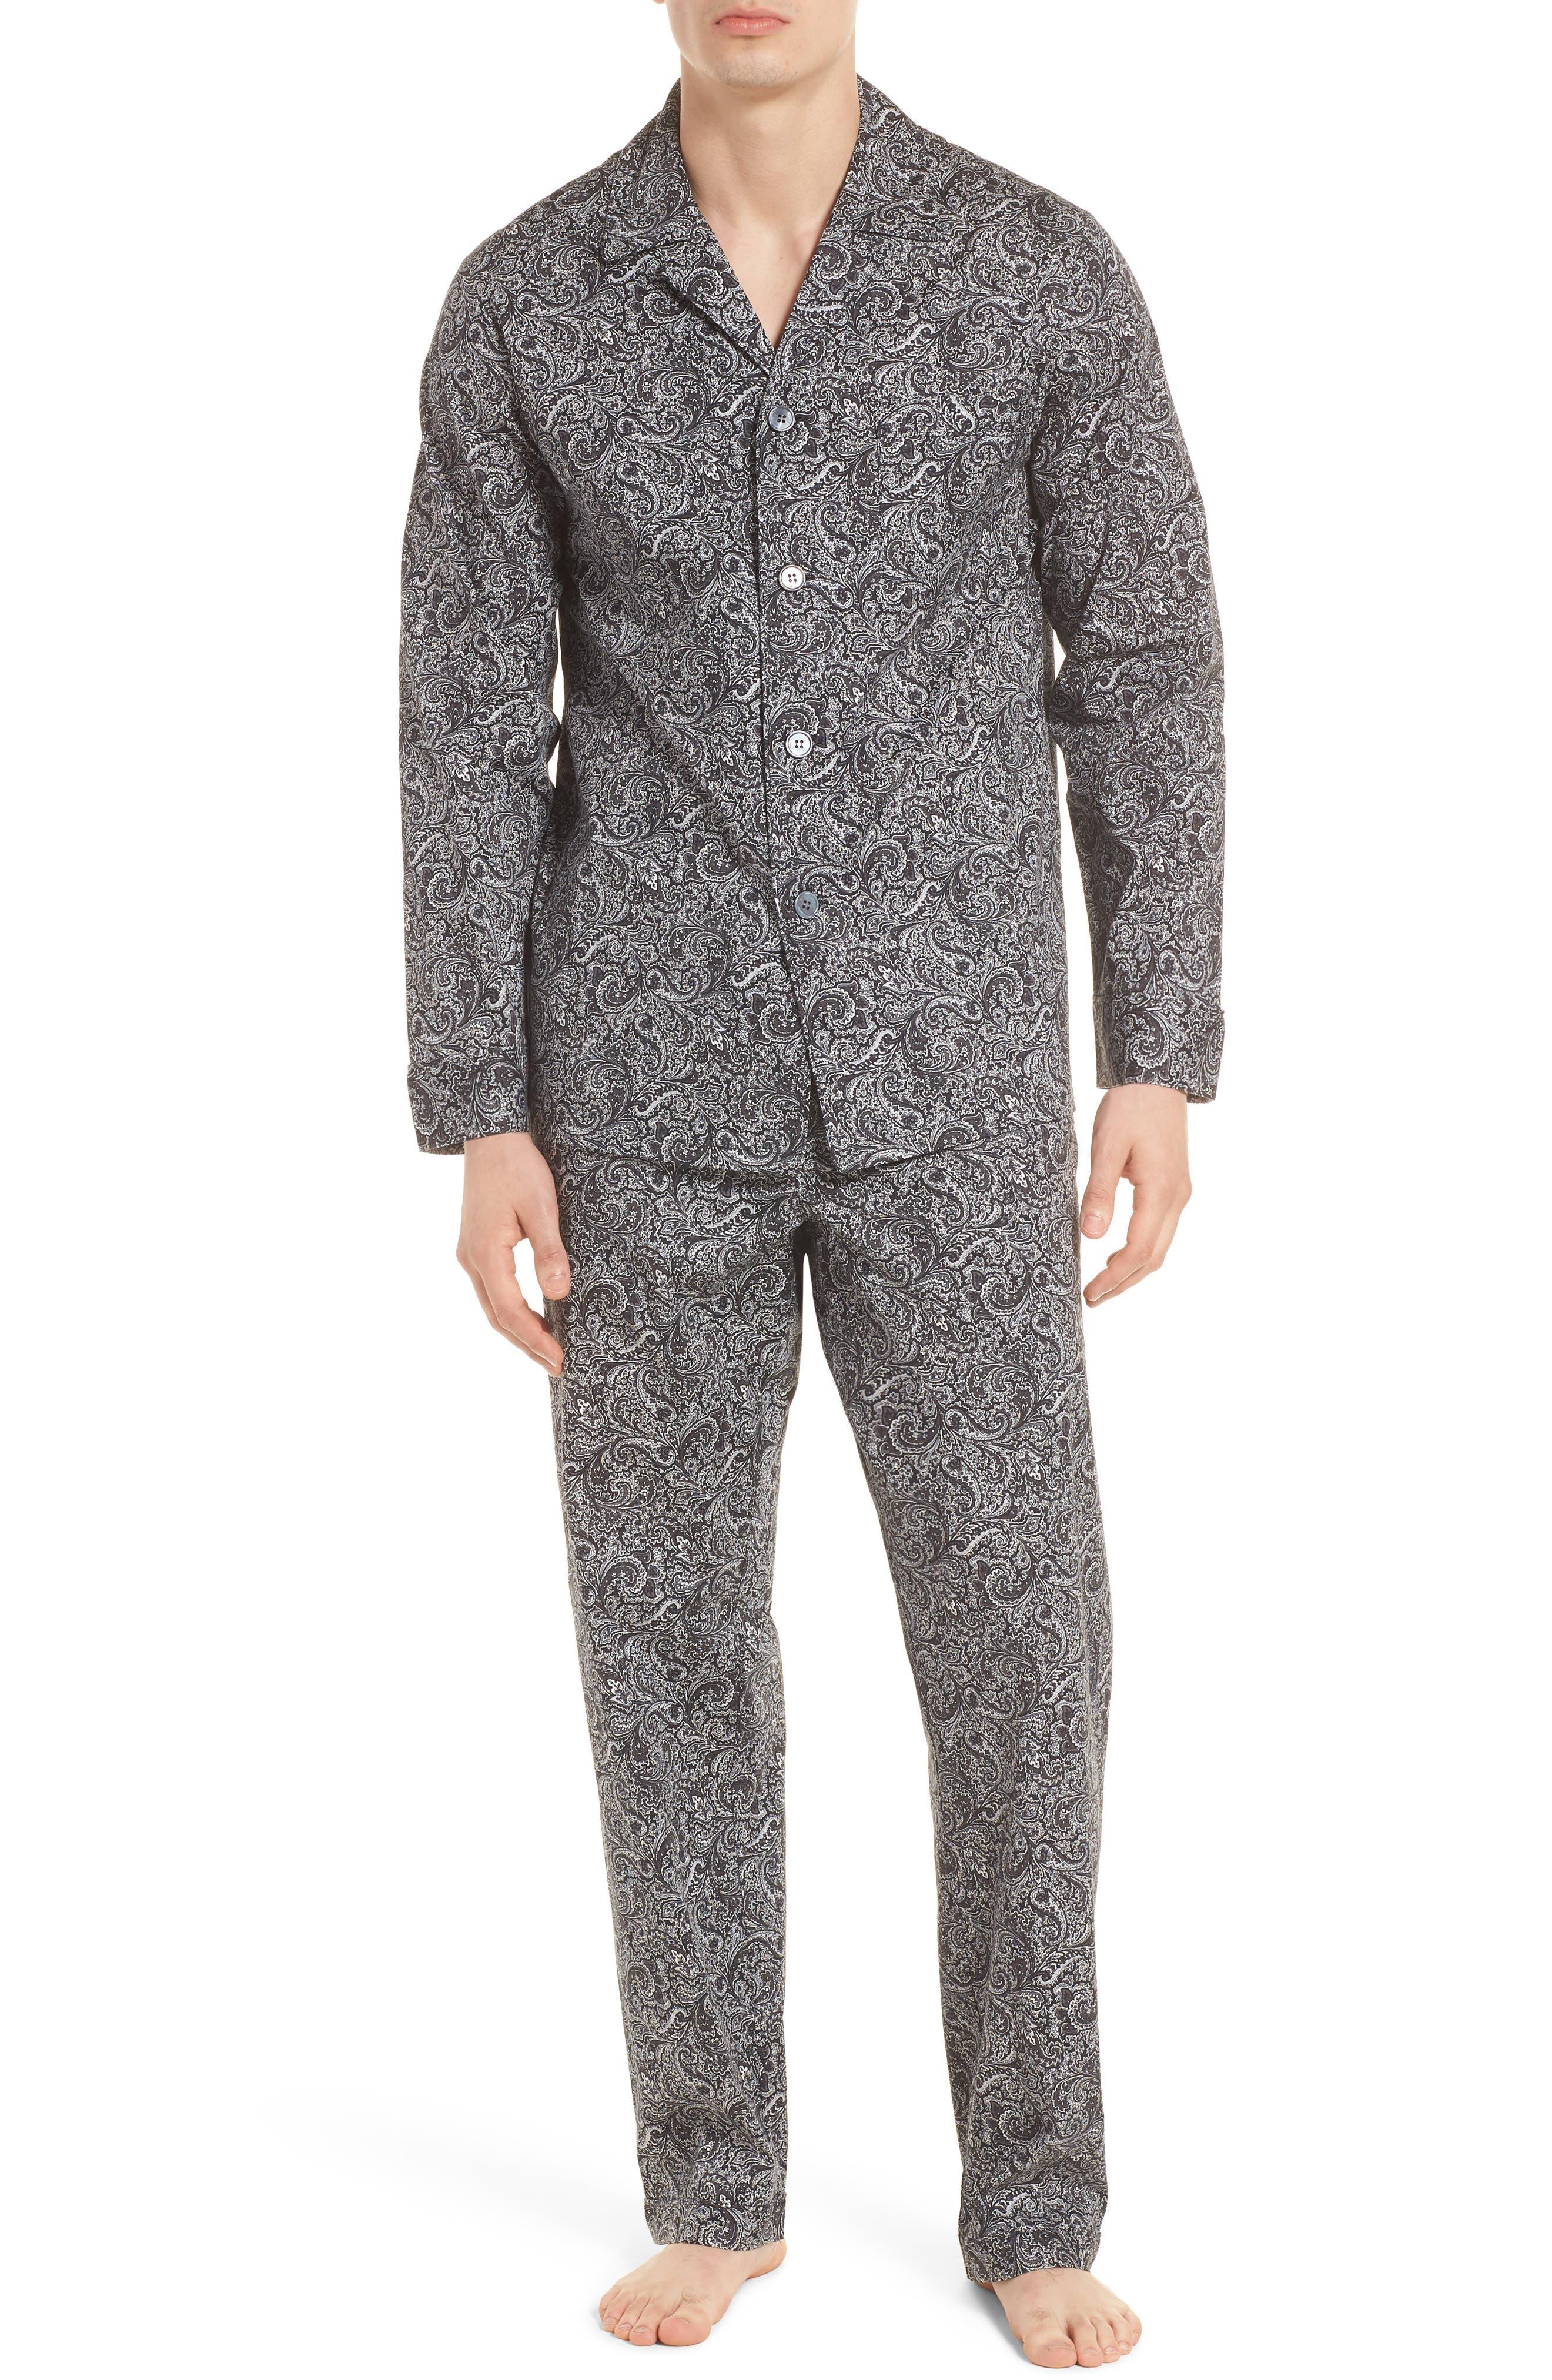 Starling Pajama Set,                         Main,                         color, BLACK PAISLEY